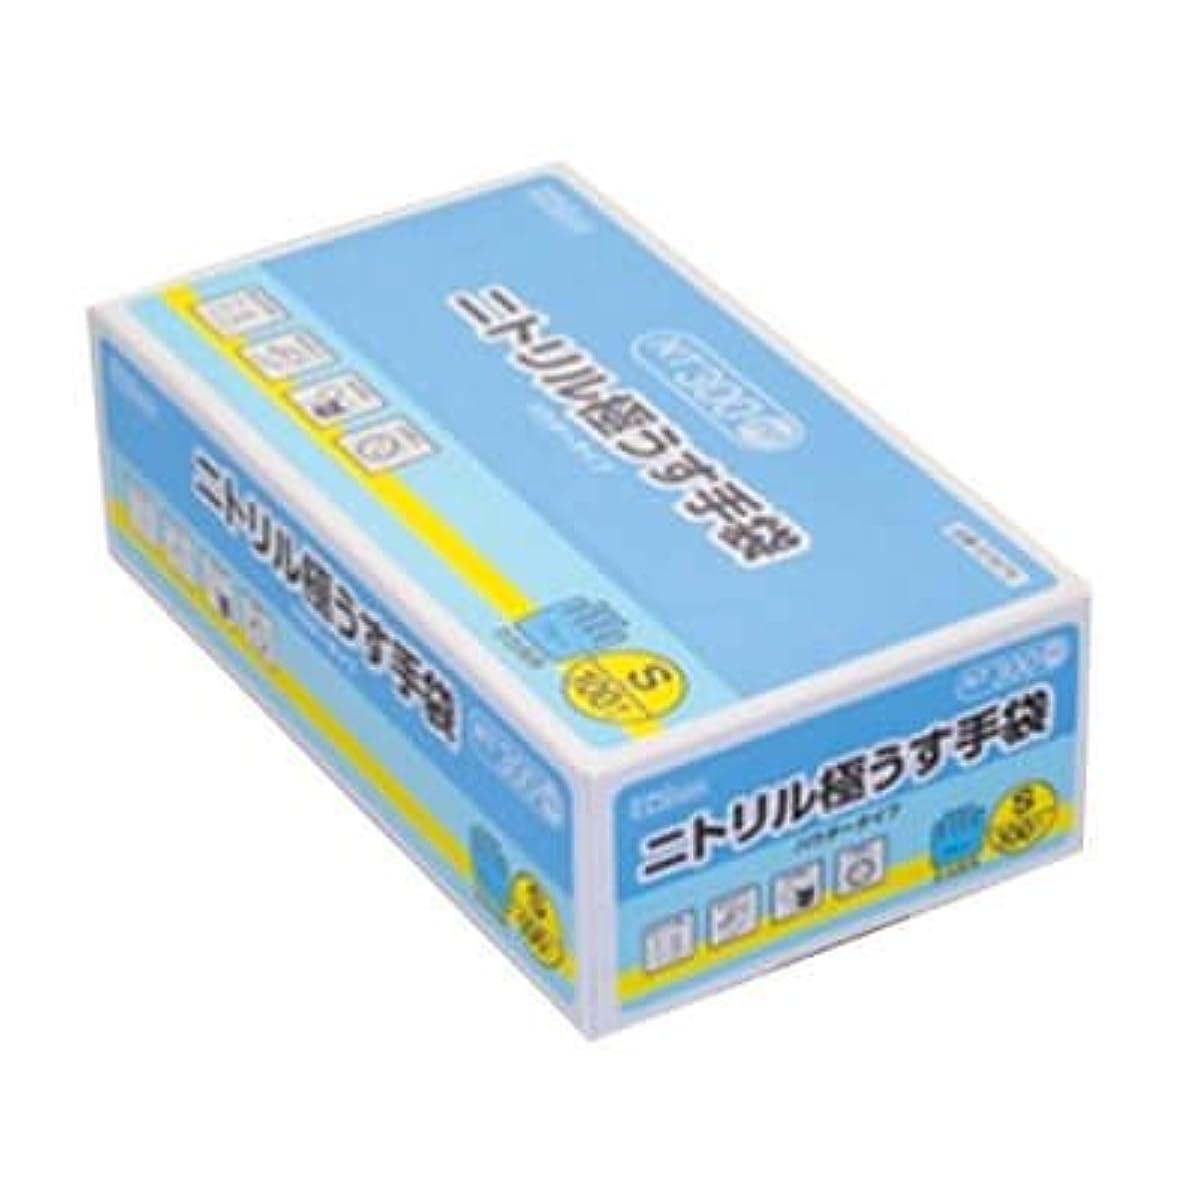 通知するグリップ特殊【ケース販売】 ダンロップ ニトリル極うす手袋 粉付 S ブルー NT-300 (100枚入×20箱)